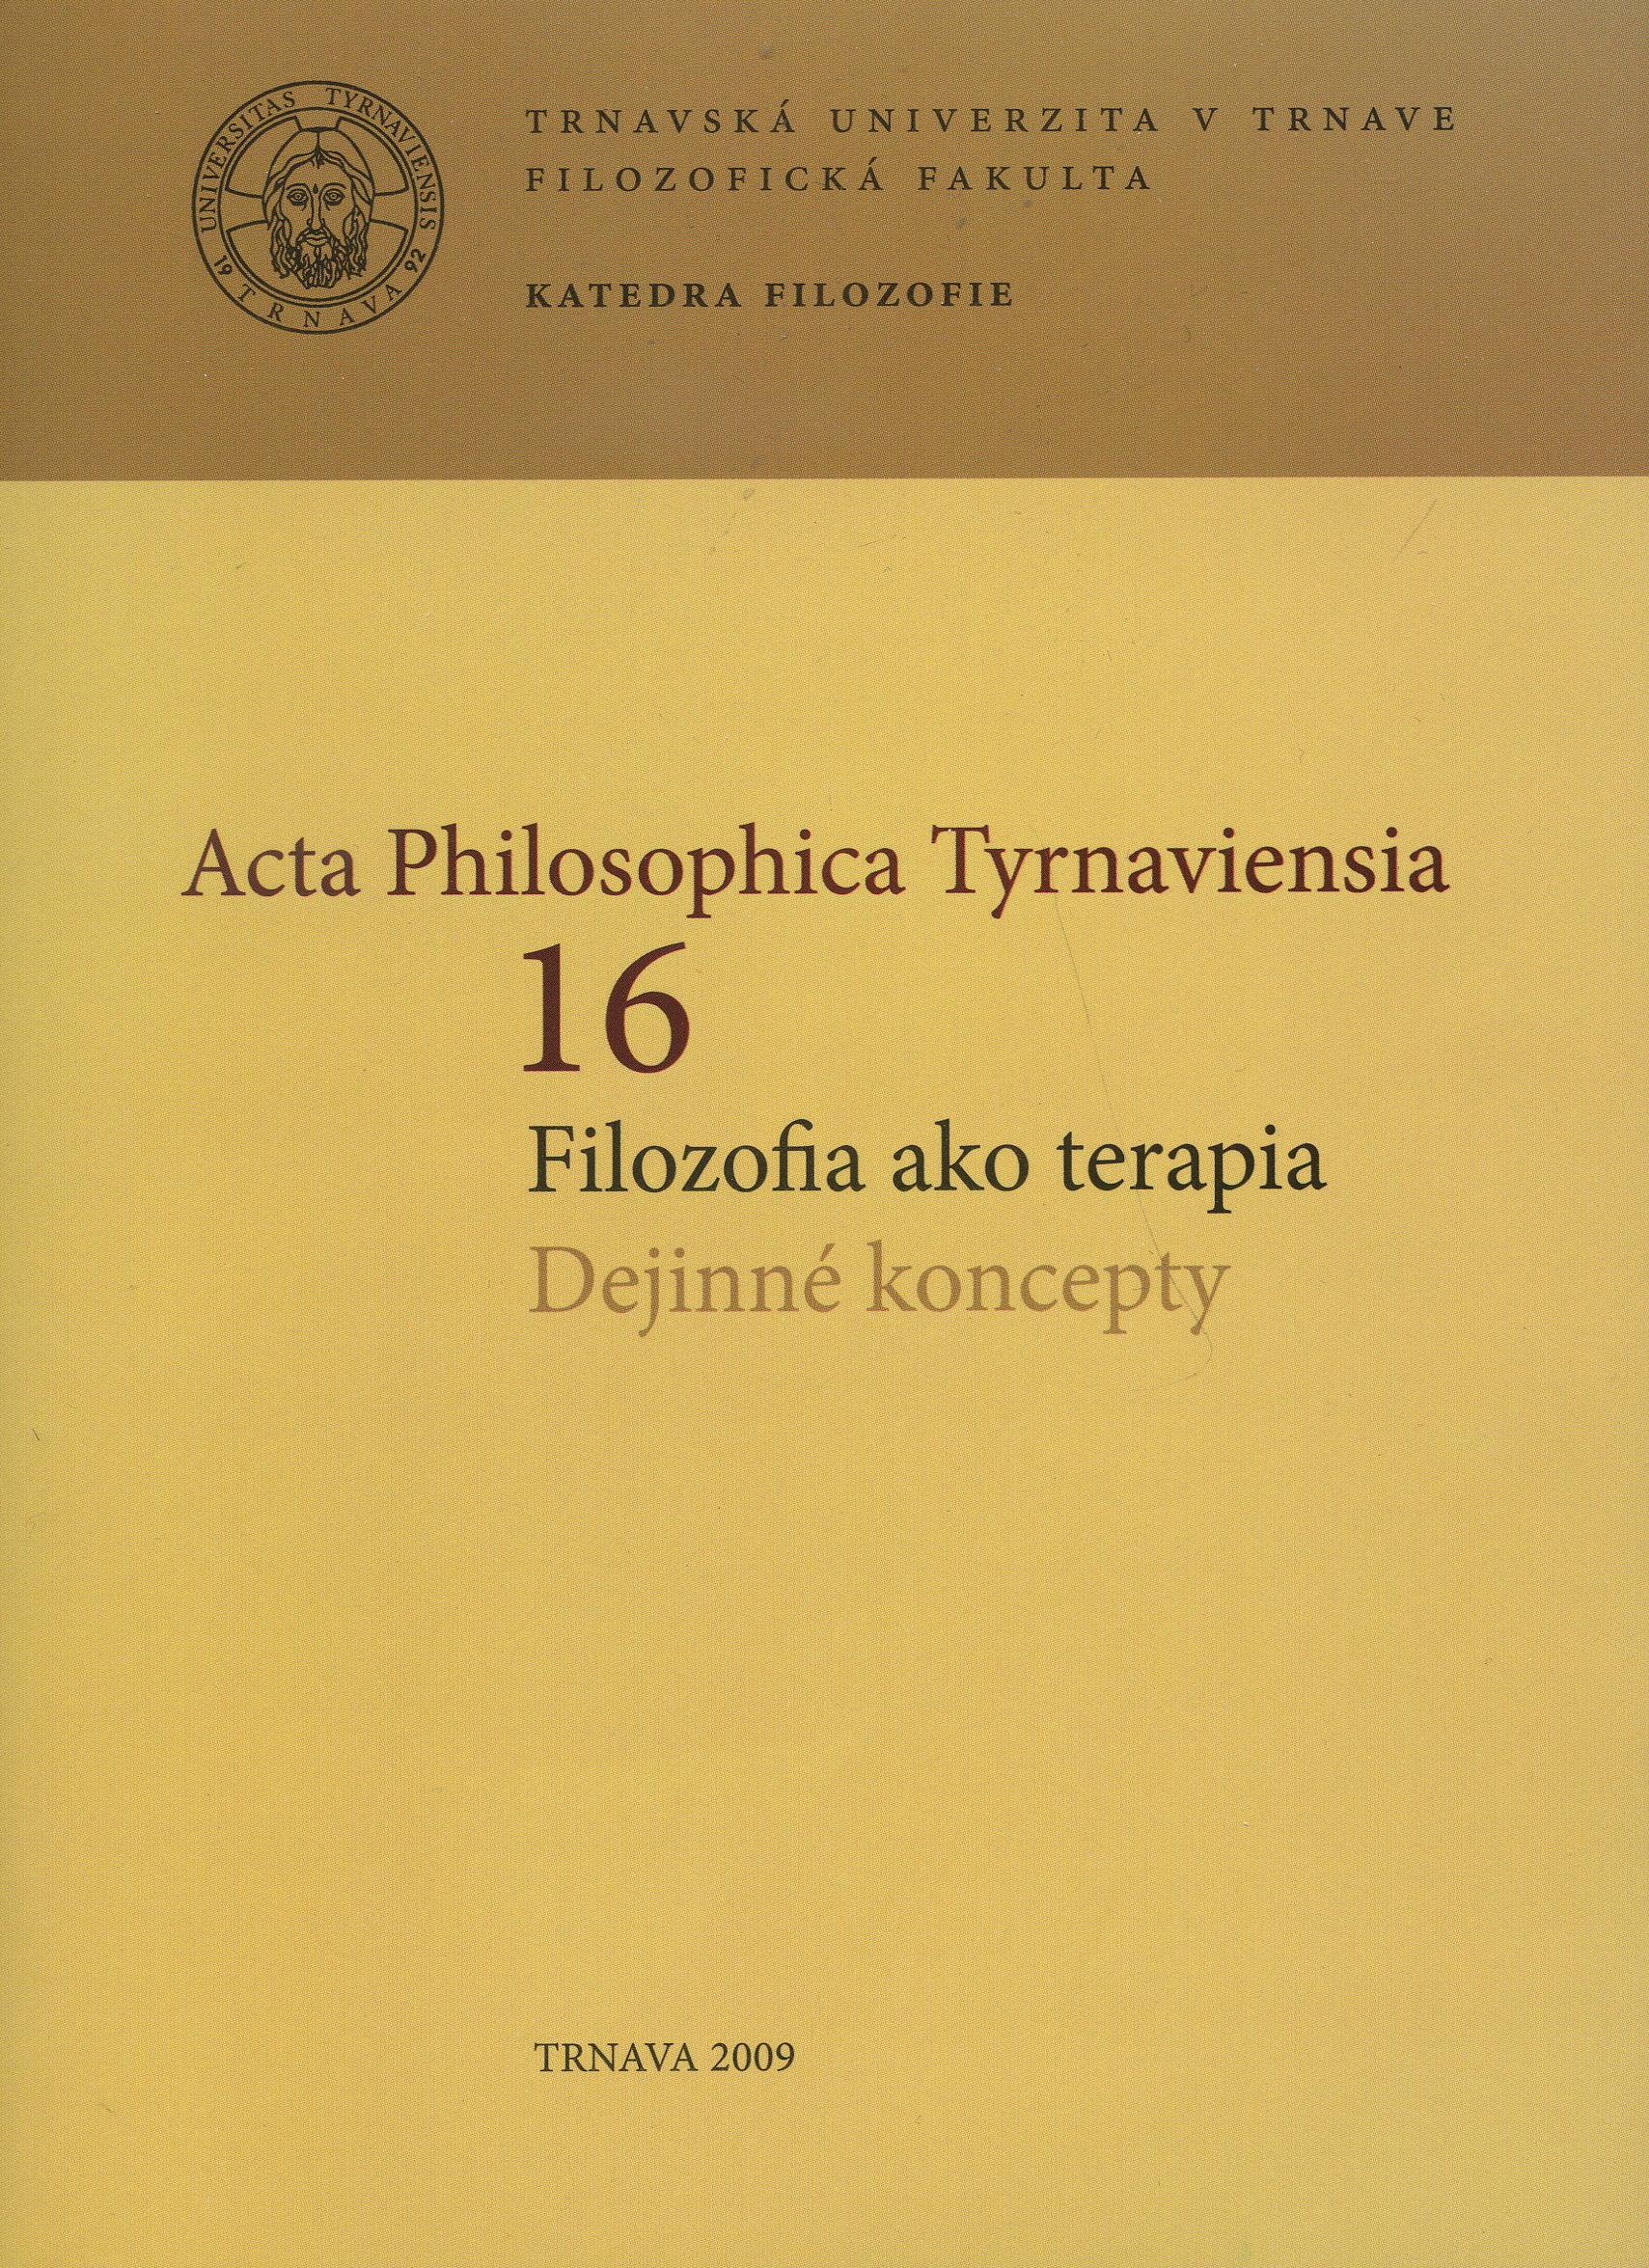 Acta Philosophica Tyrnaviensia 16 - filozofia ako terapia